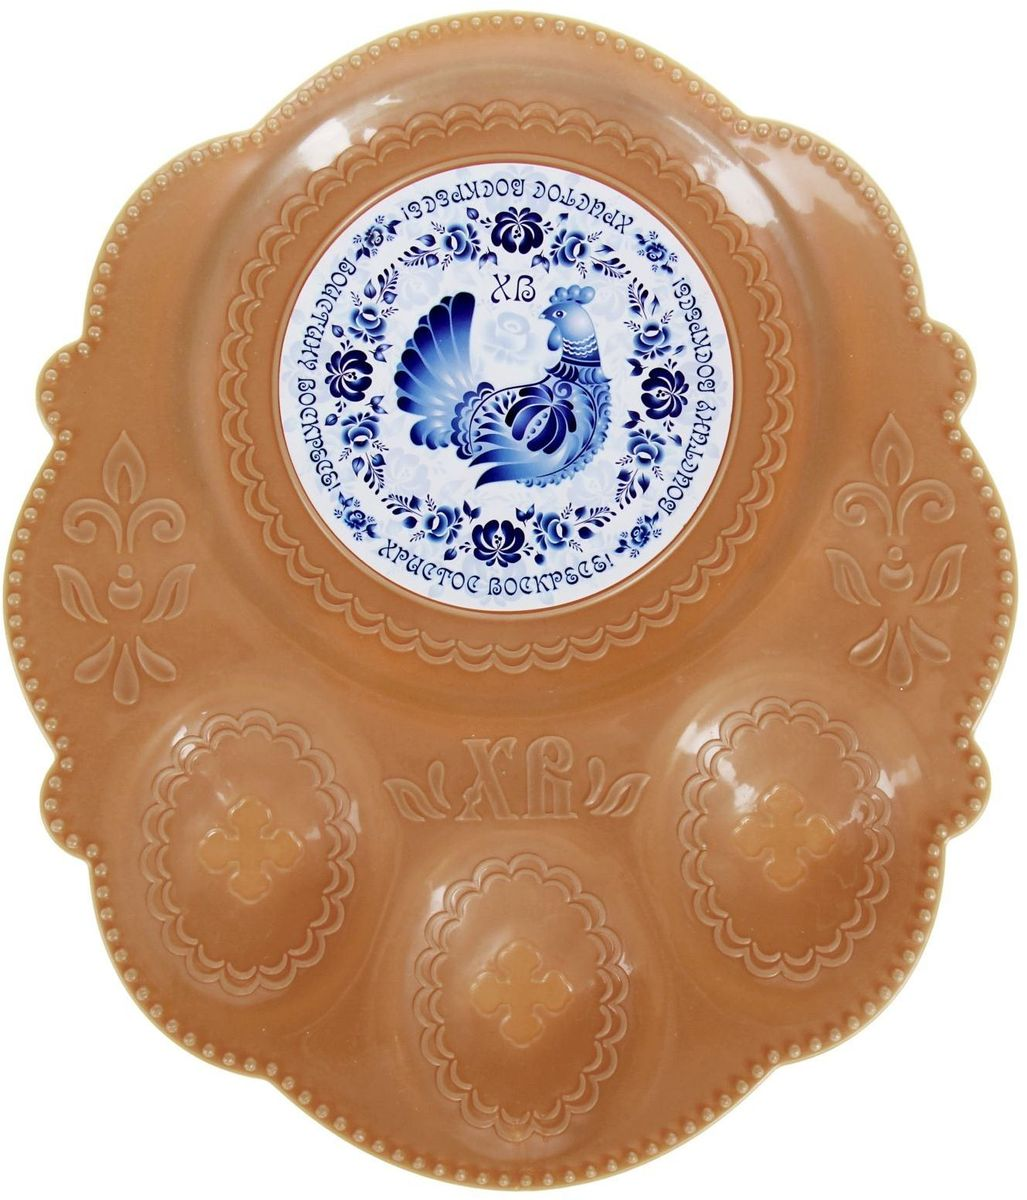 Подставка пасхальная Гжель, на 3 яйца и кулич, 21 х 18 см. 10026001002600Пасхальная подставка для 3 яйц и кулича изготовлена из качественного пластика, в центре имеется яркая вставка. Аксессуар станет достойным украшением праздничного стола, создаст радостное настроение и наполнит пространство вашего дома благостной энергией на весь год вперёд.Подставка будет ценным памятным подарком для родных, друзей и коллег.Радости, добра и света вам и вашим близким!